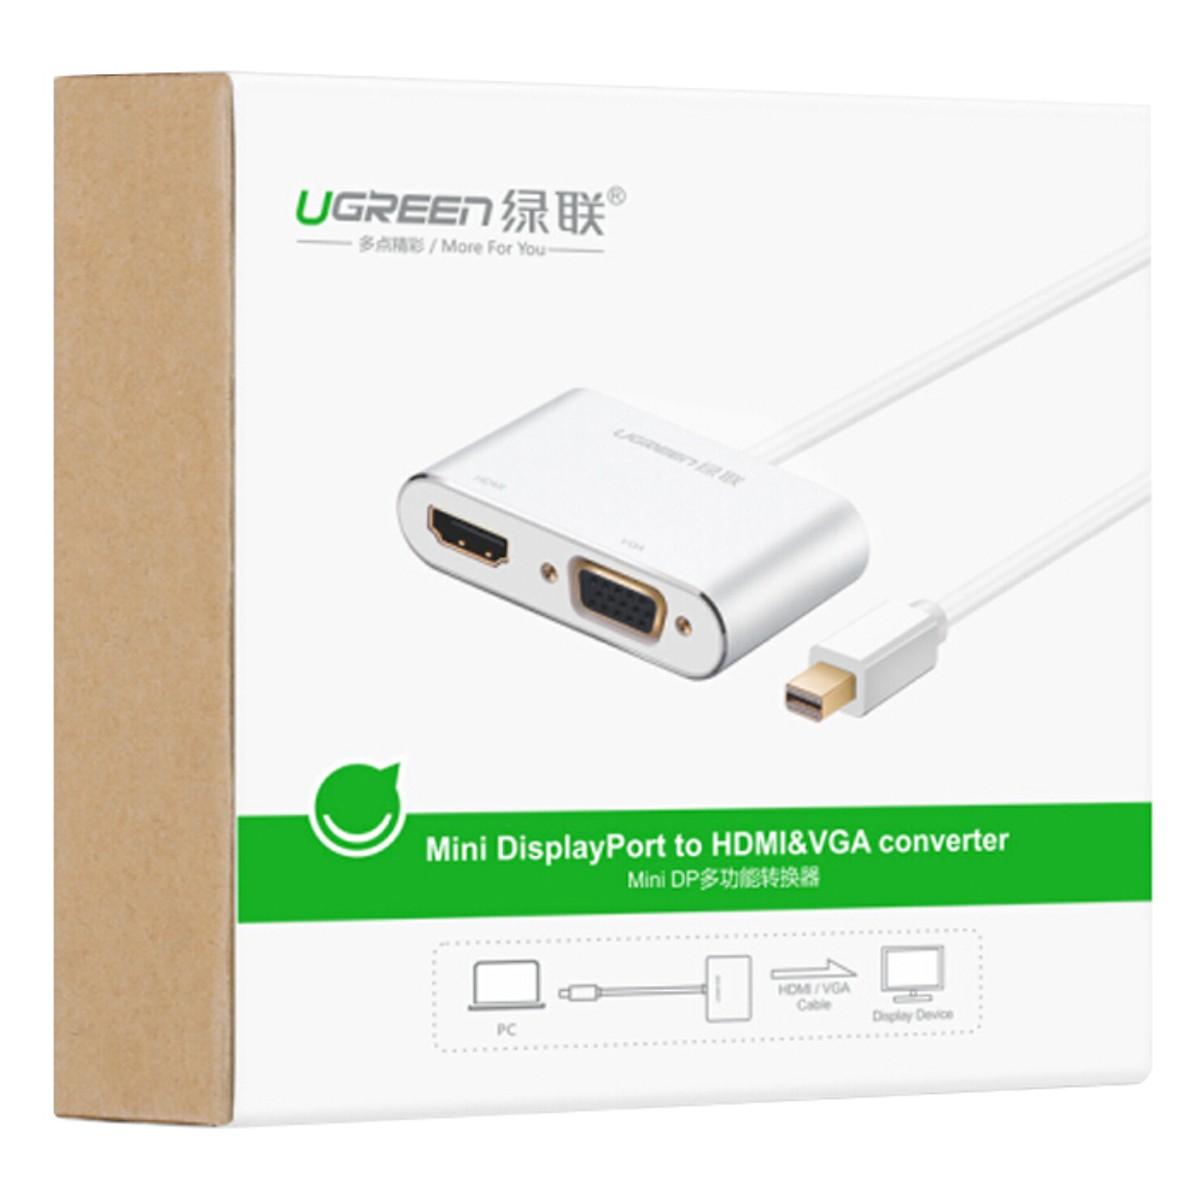 Cáp Chuyển Đổi Mini Displayport Sang HDMI và VGA UGREEN 20421 - Hàng Chính Hãng (Tặng kèm tai nghe điện thoại)